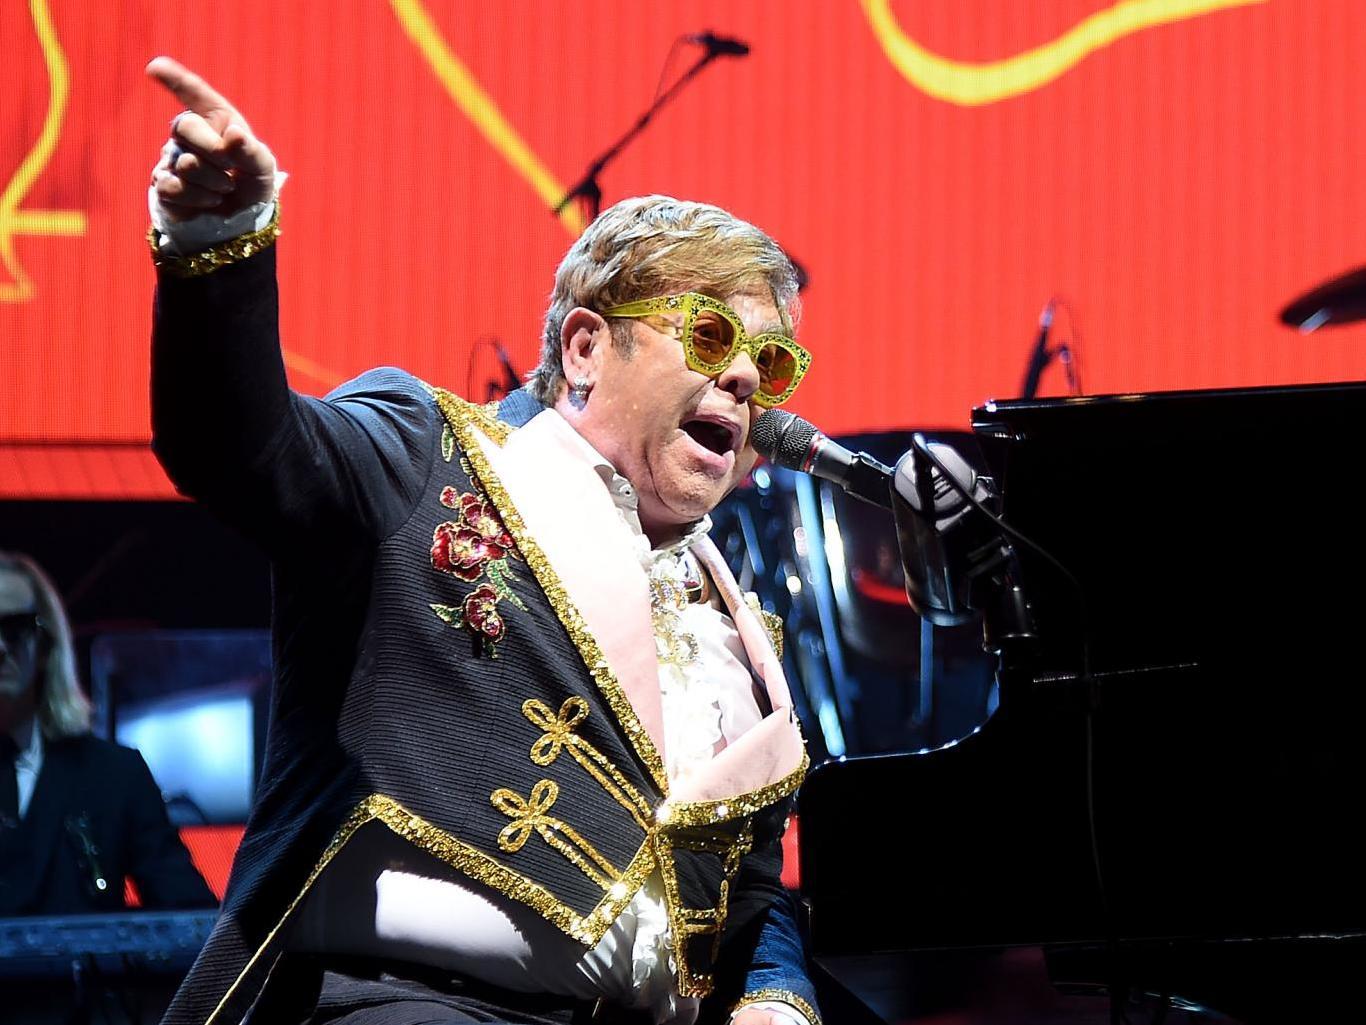 Elton John tour set to resume after walking pneumonia diagnosis